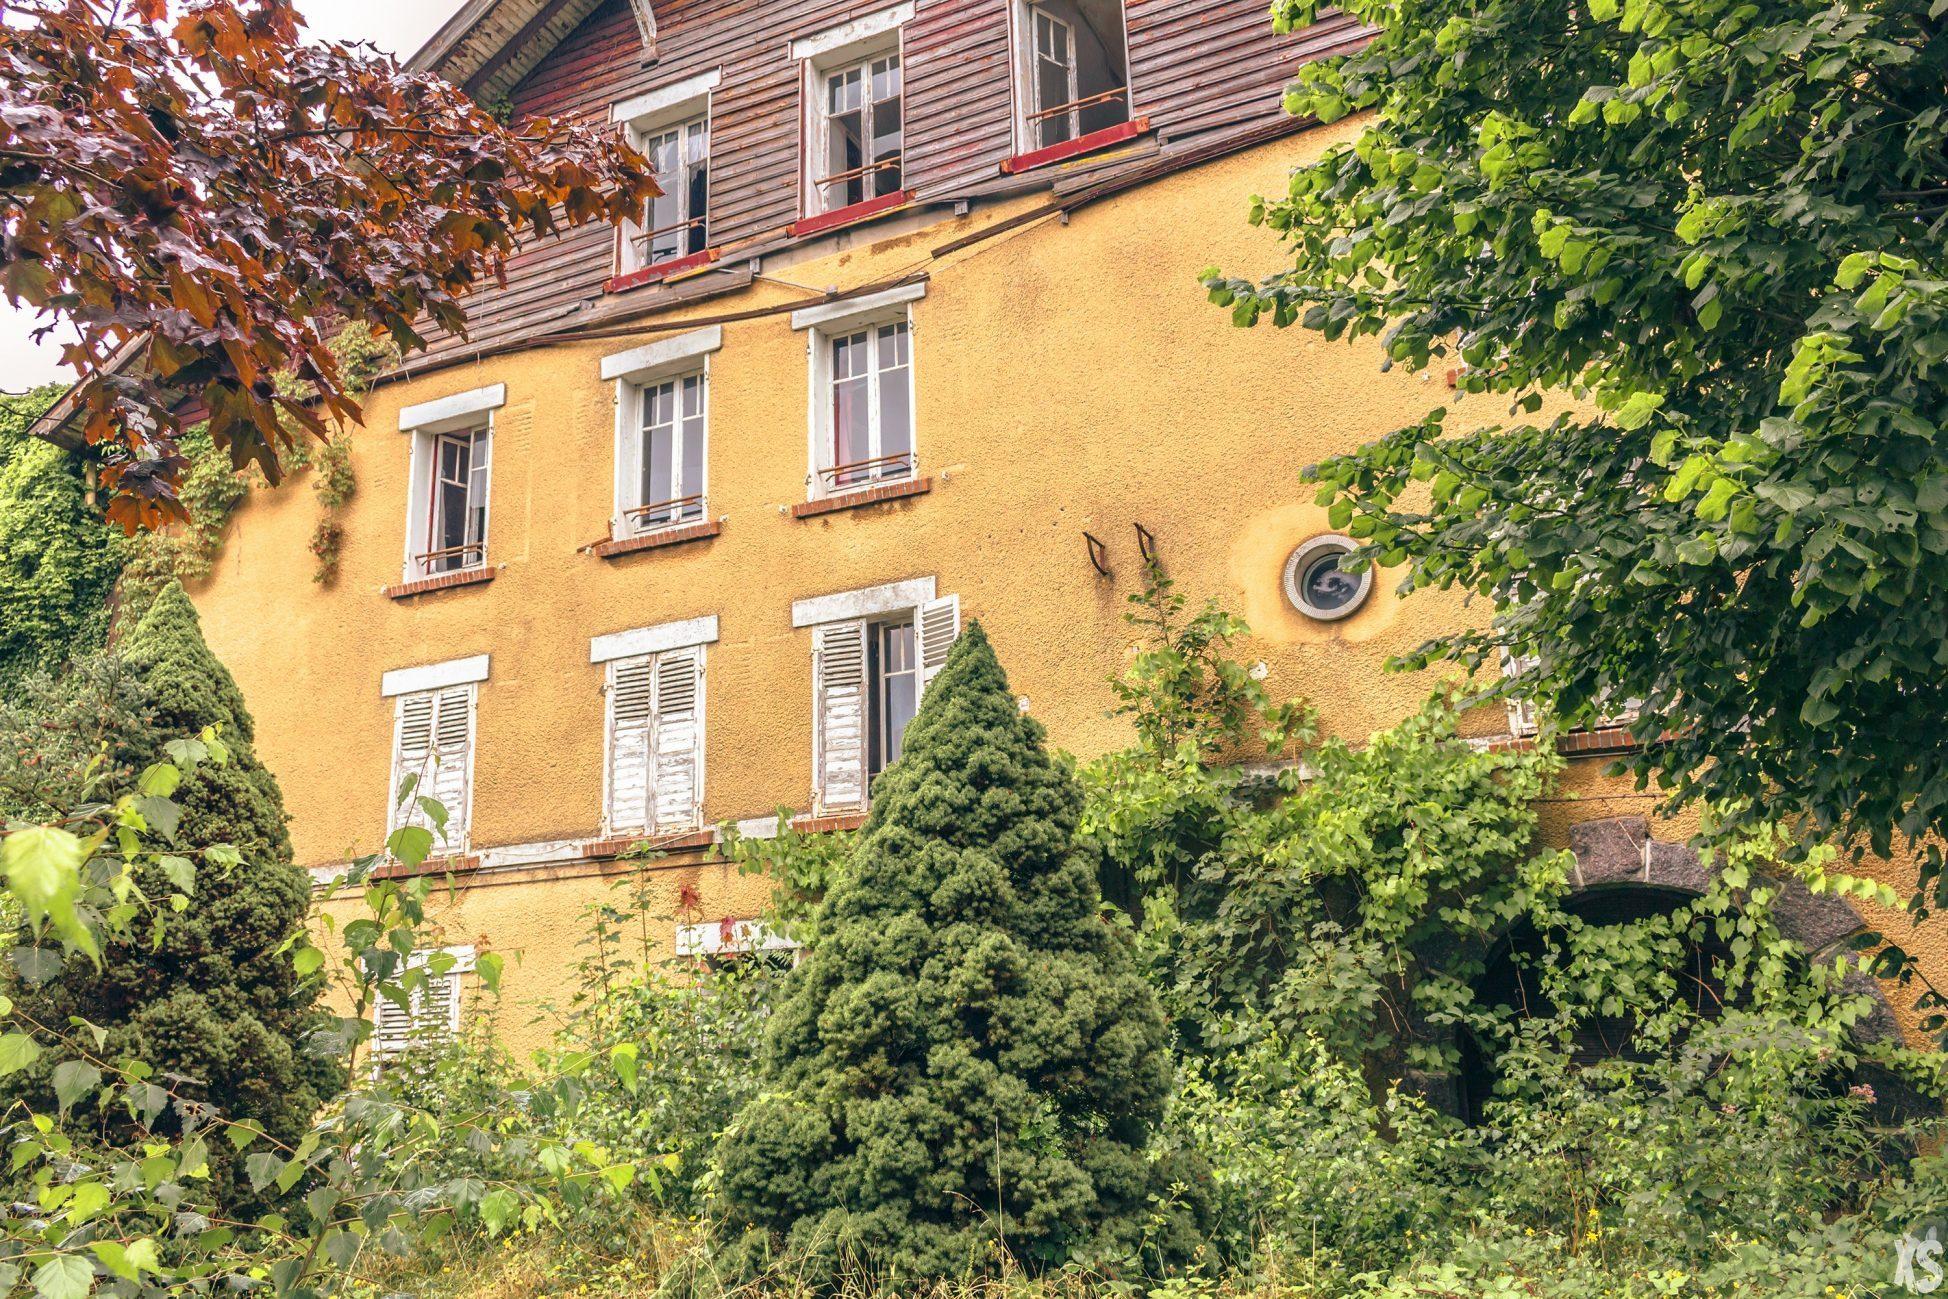 hotel-voirbo-3